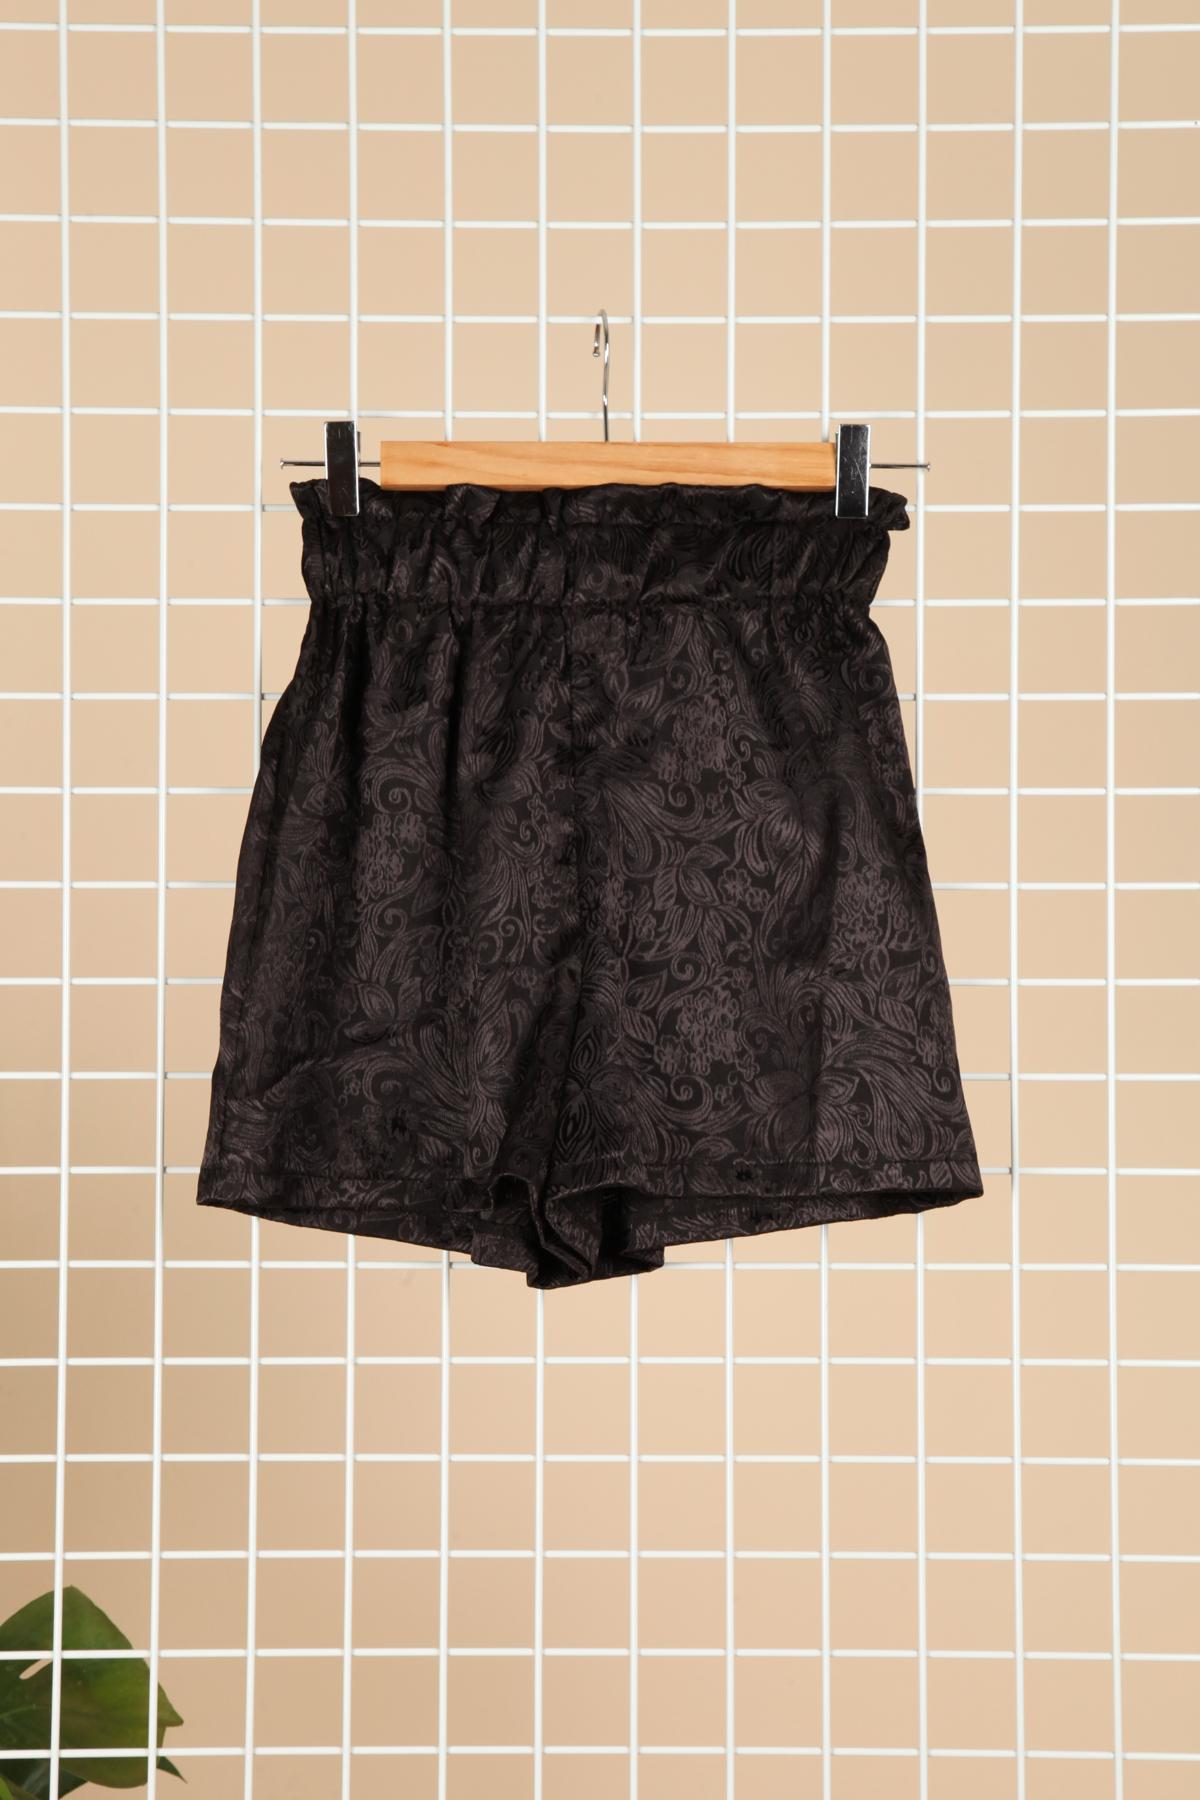 Shorts Femme Noir Luc-ce 4498 #c eFashion Paris